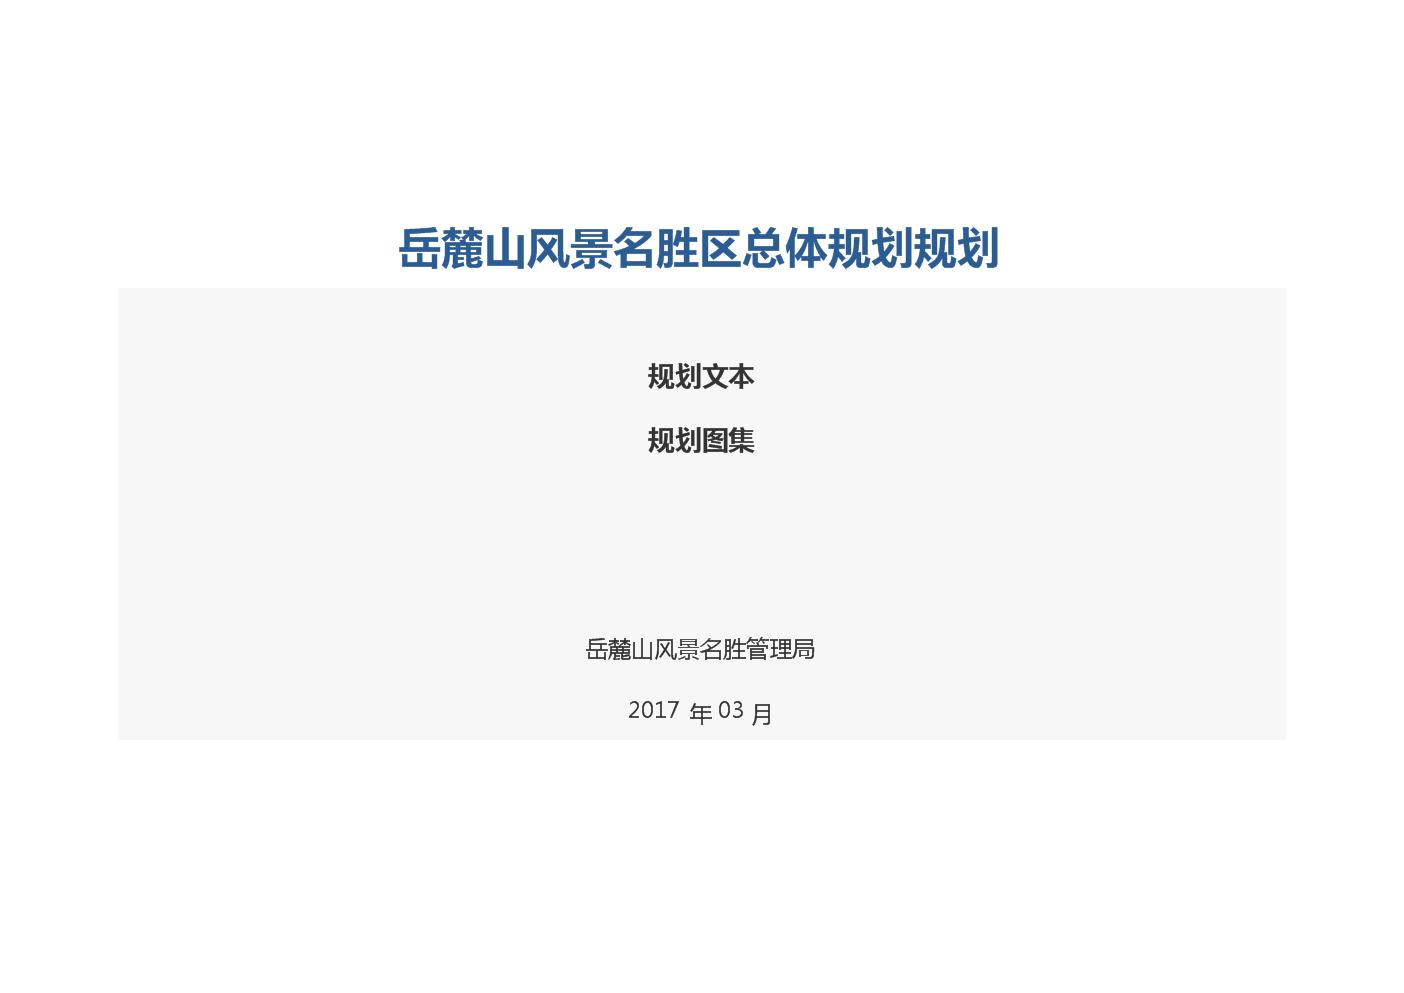 岳麓山风景名胜区总体规划.docx